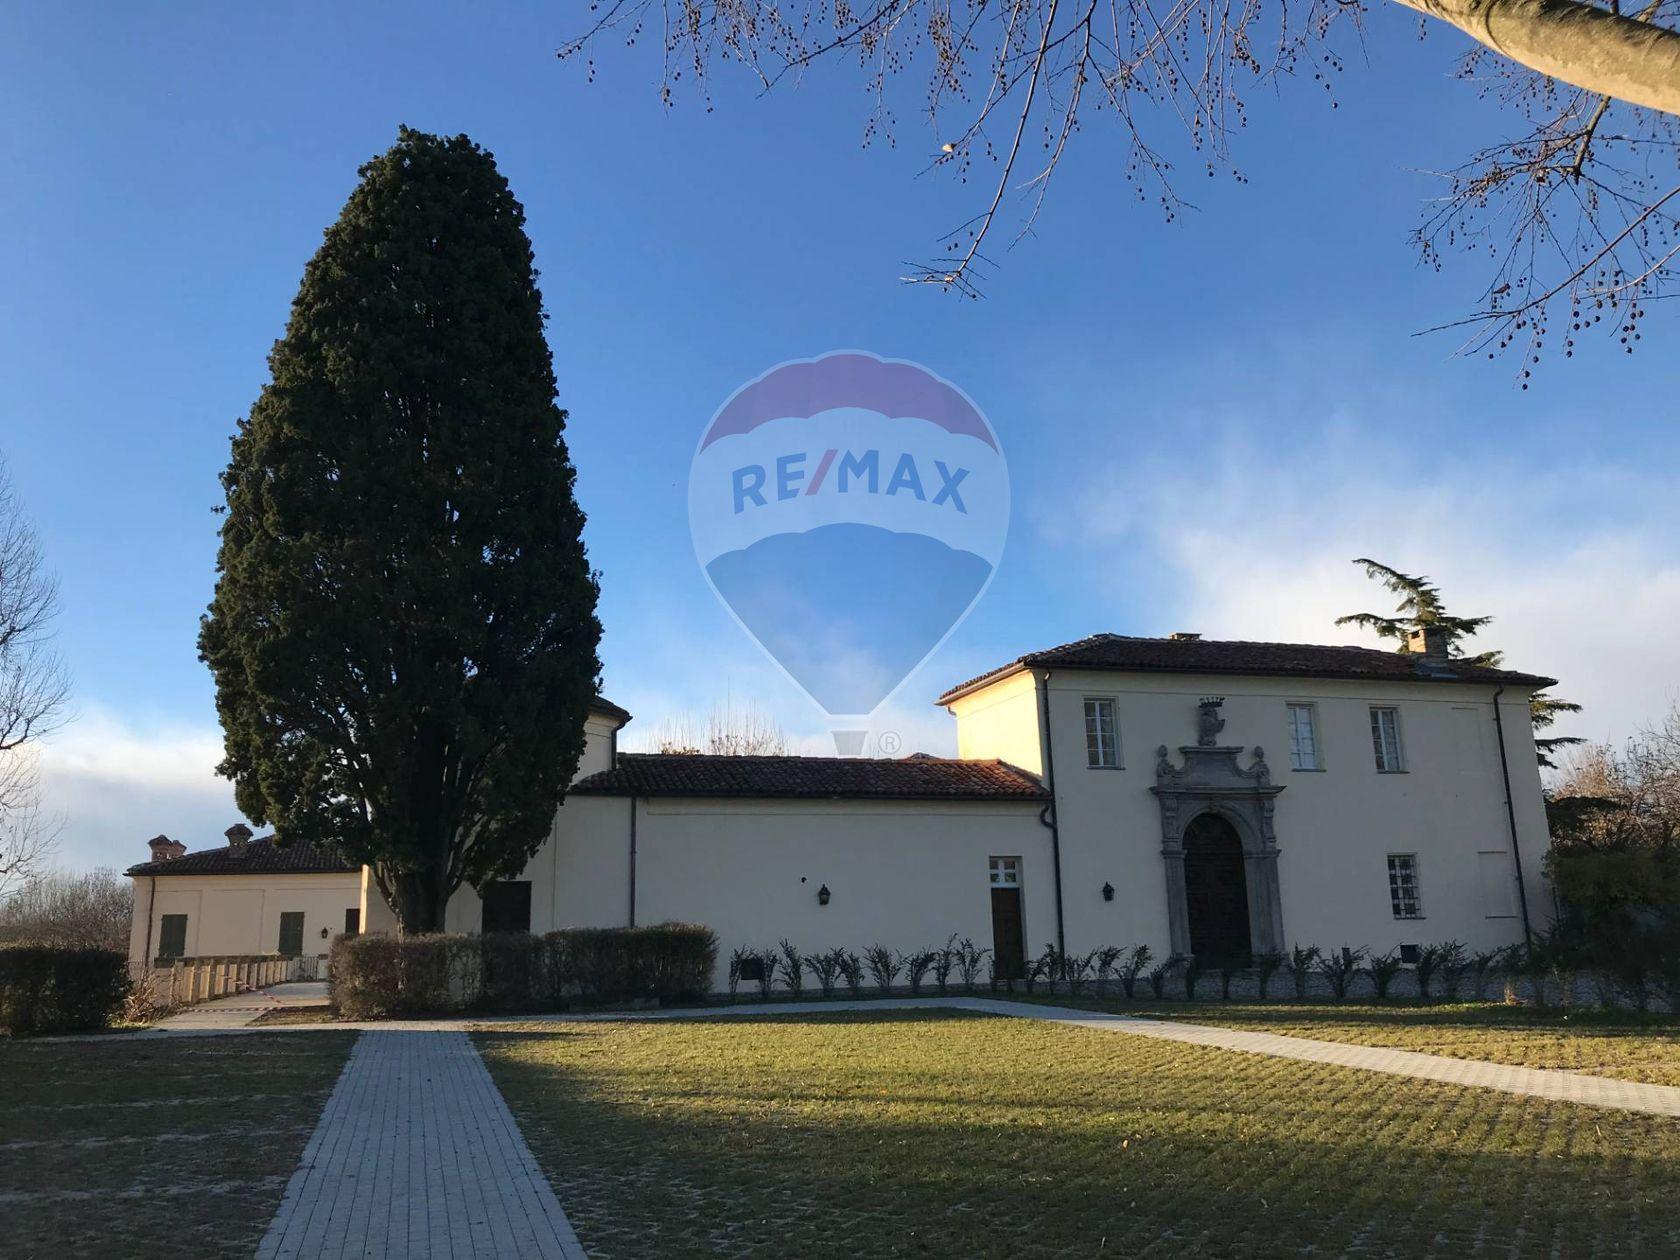 Appartamento Avuglione, Marentino, TO Vendita - Foto 18